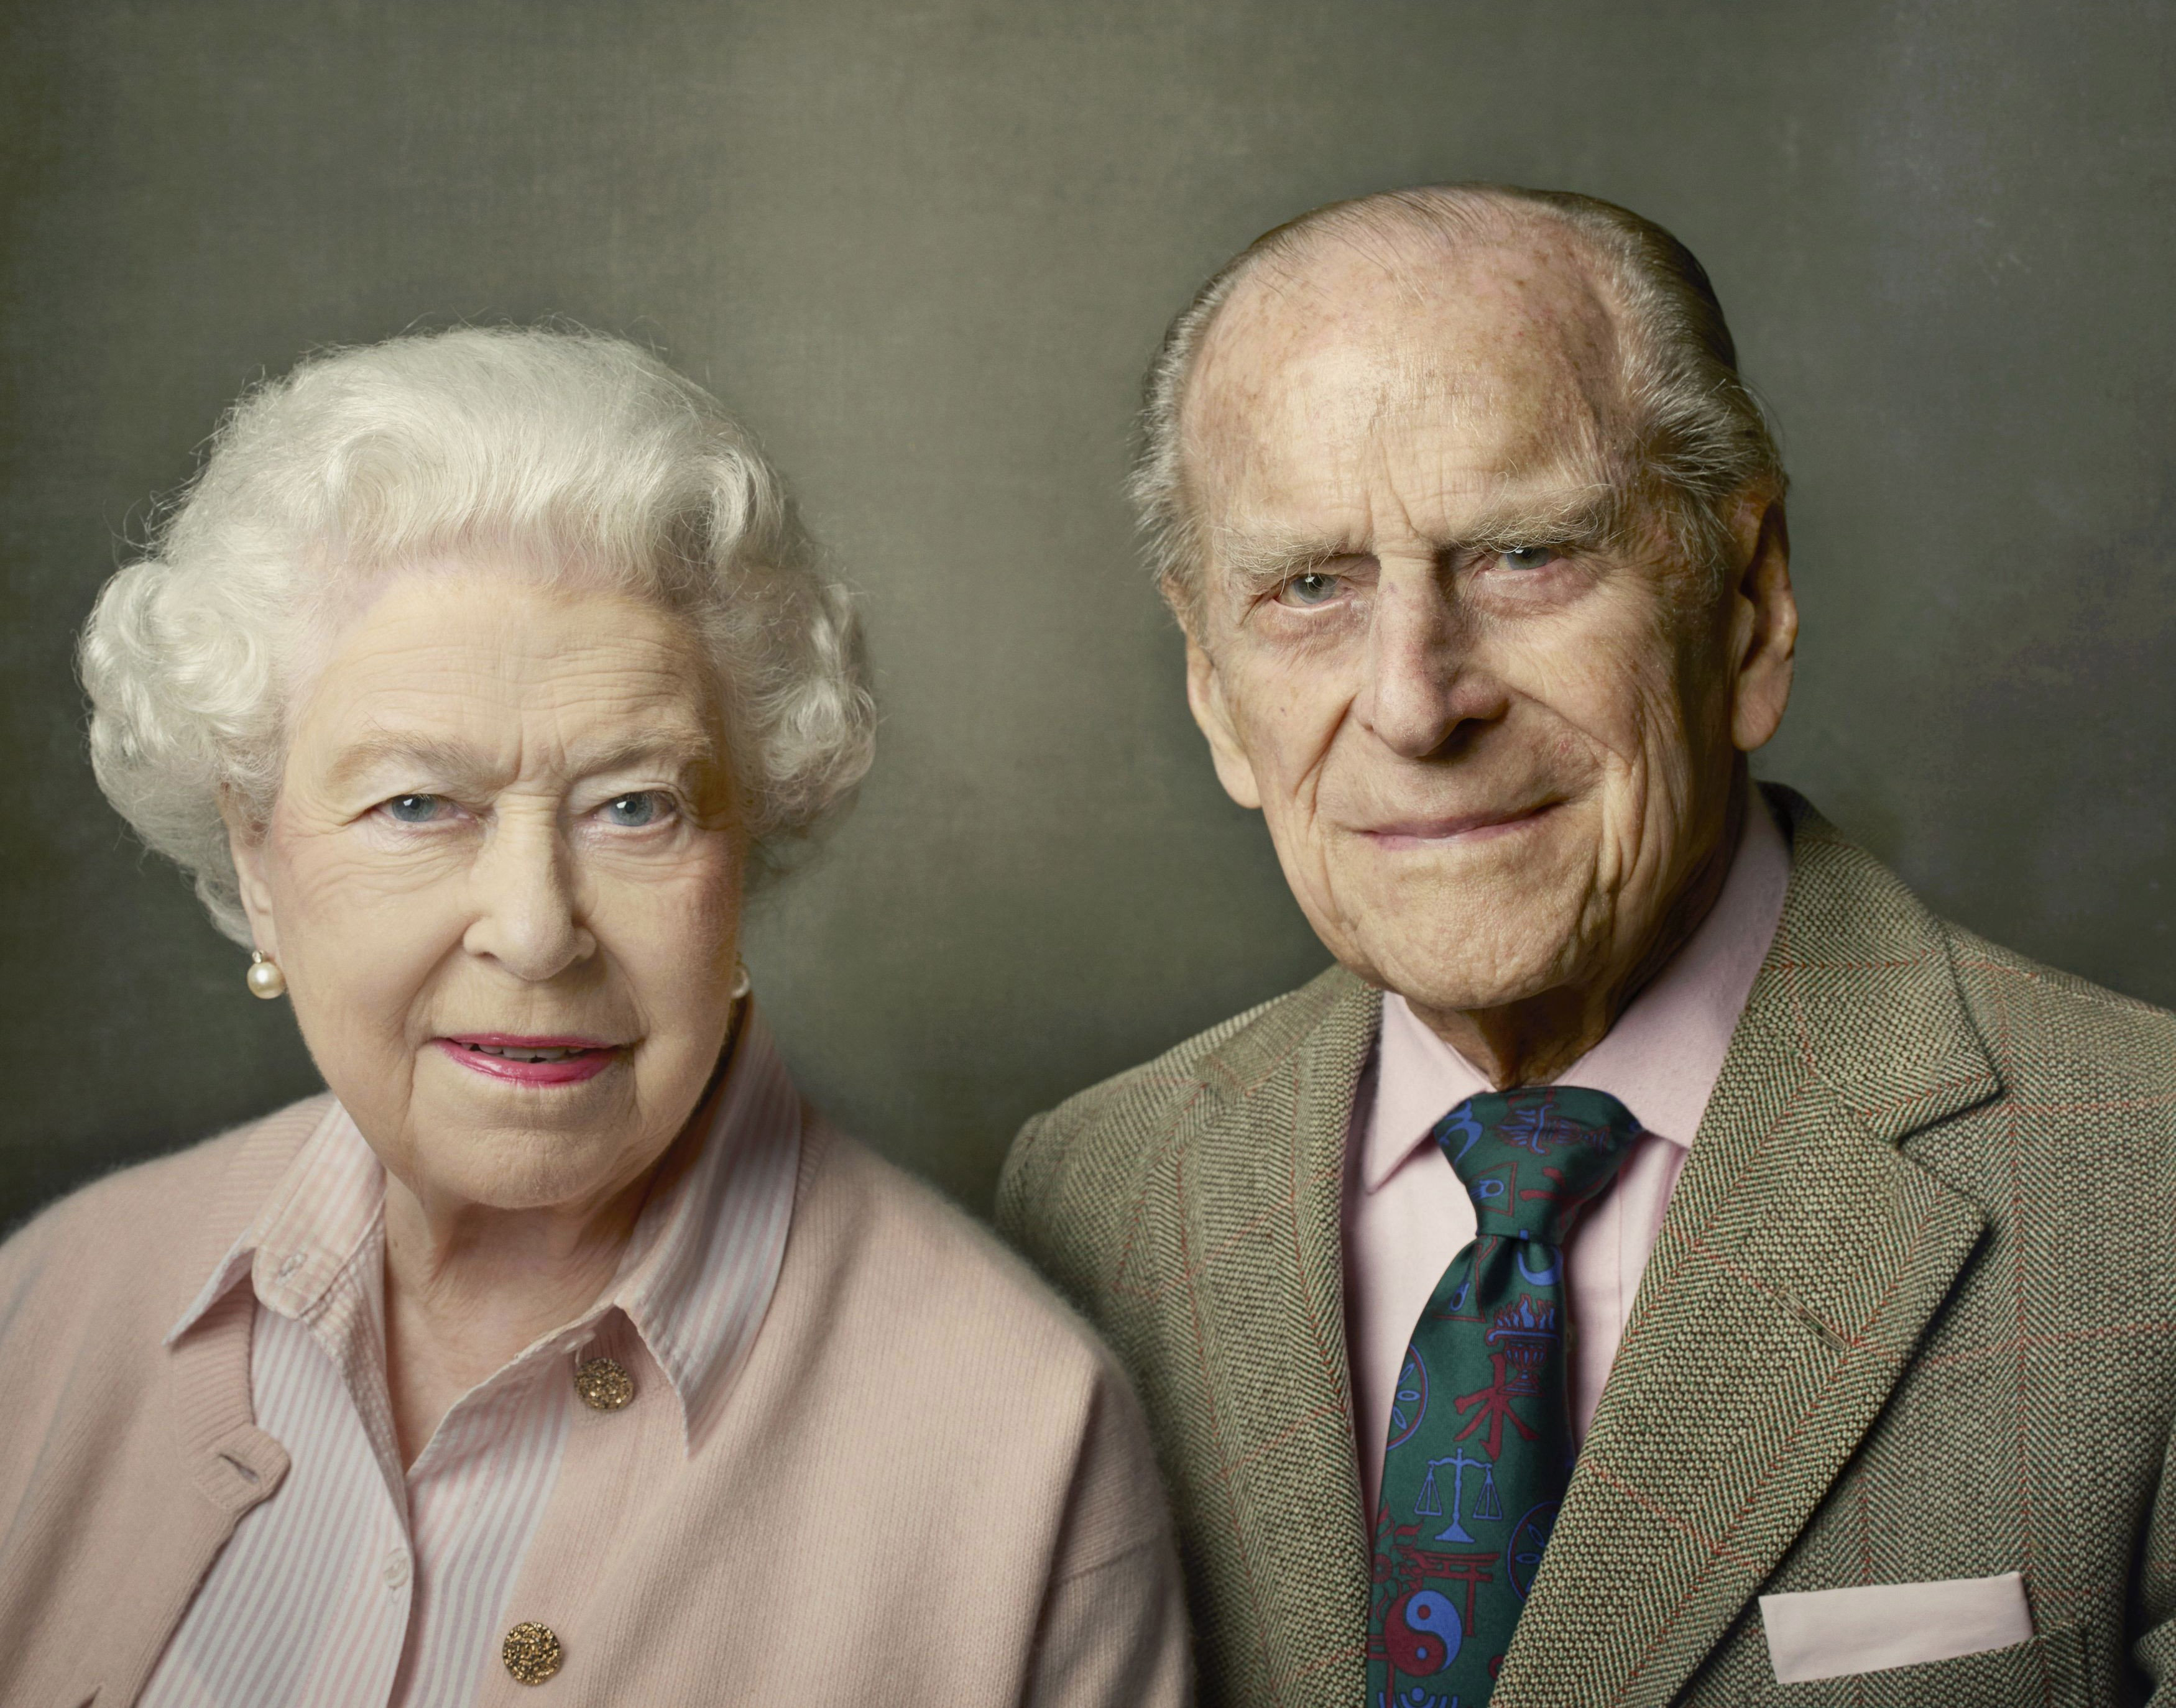 Rainha Elizabeth II e príncipe Philip celebram 69 anos de casados (Foto: Getty )